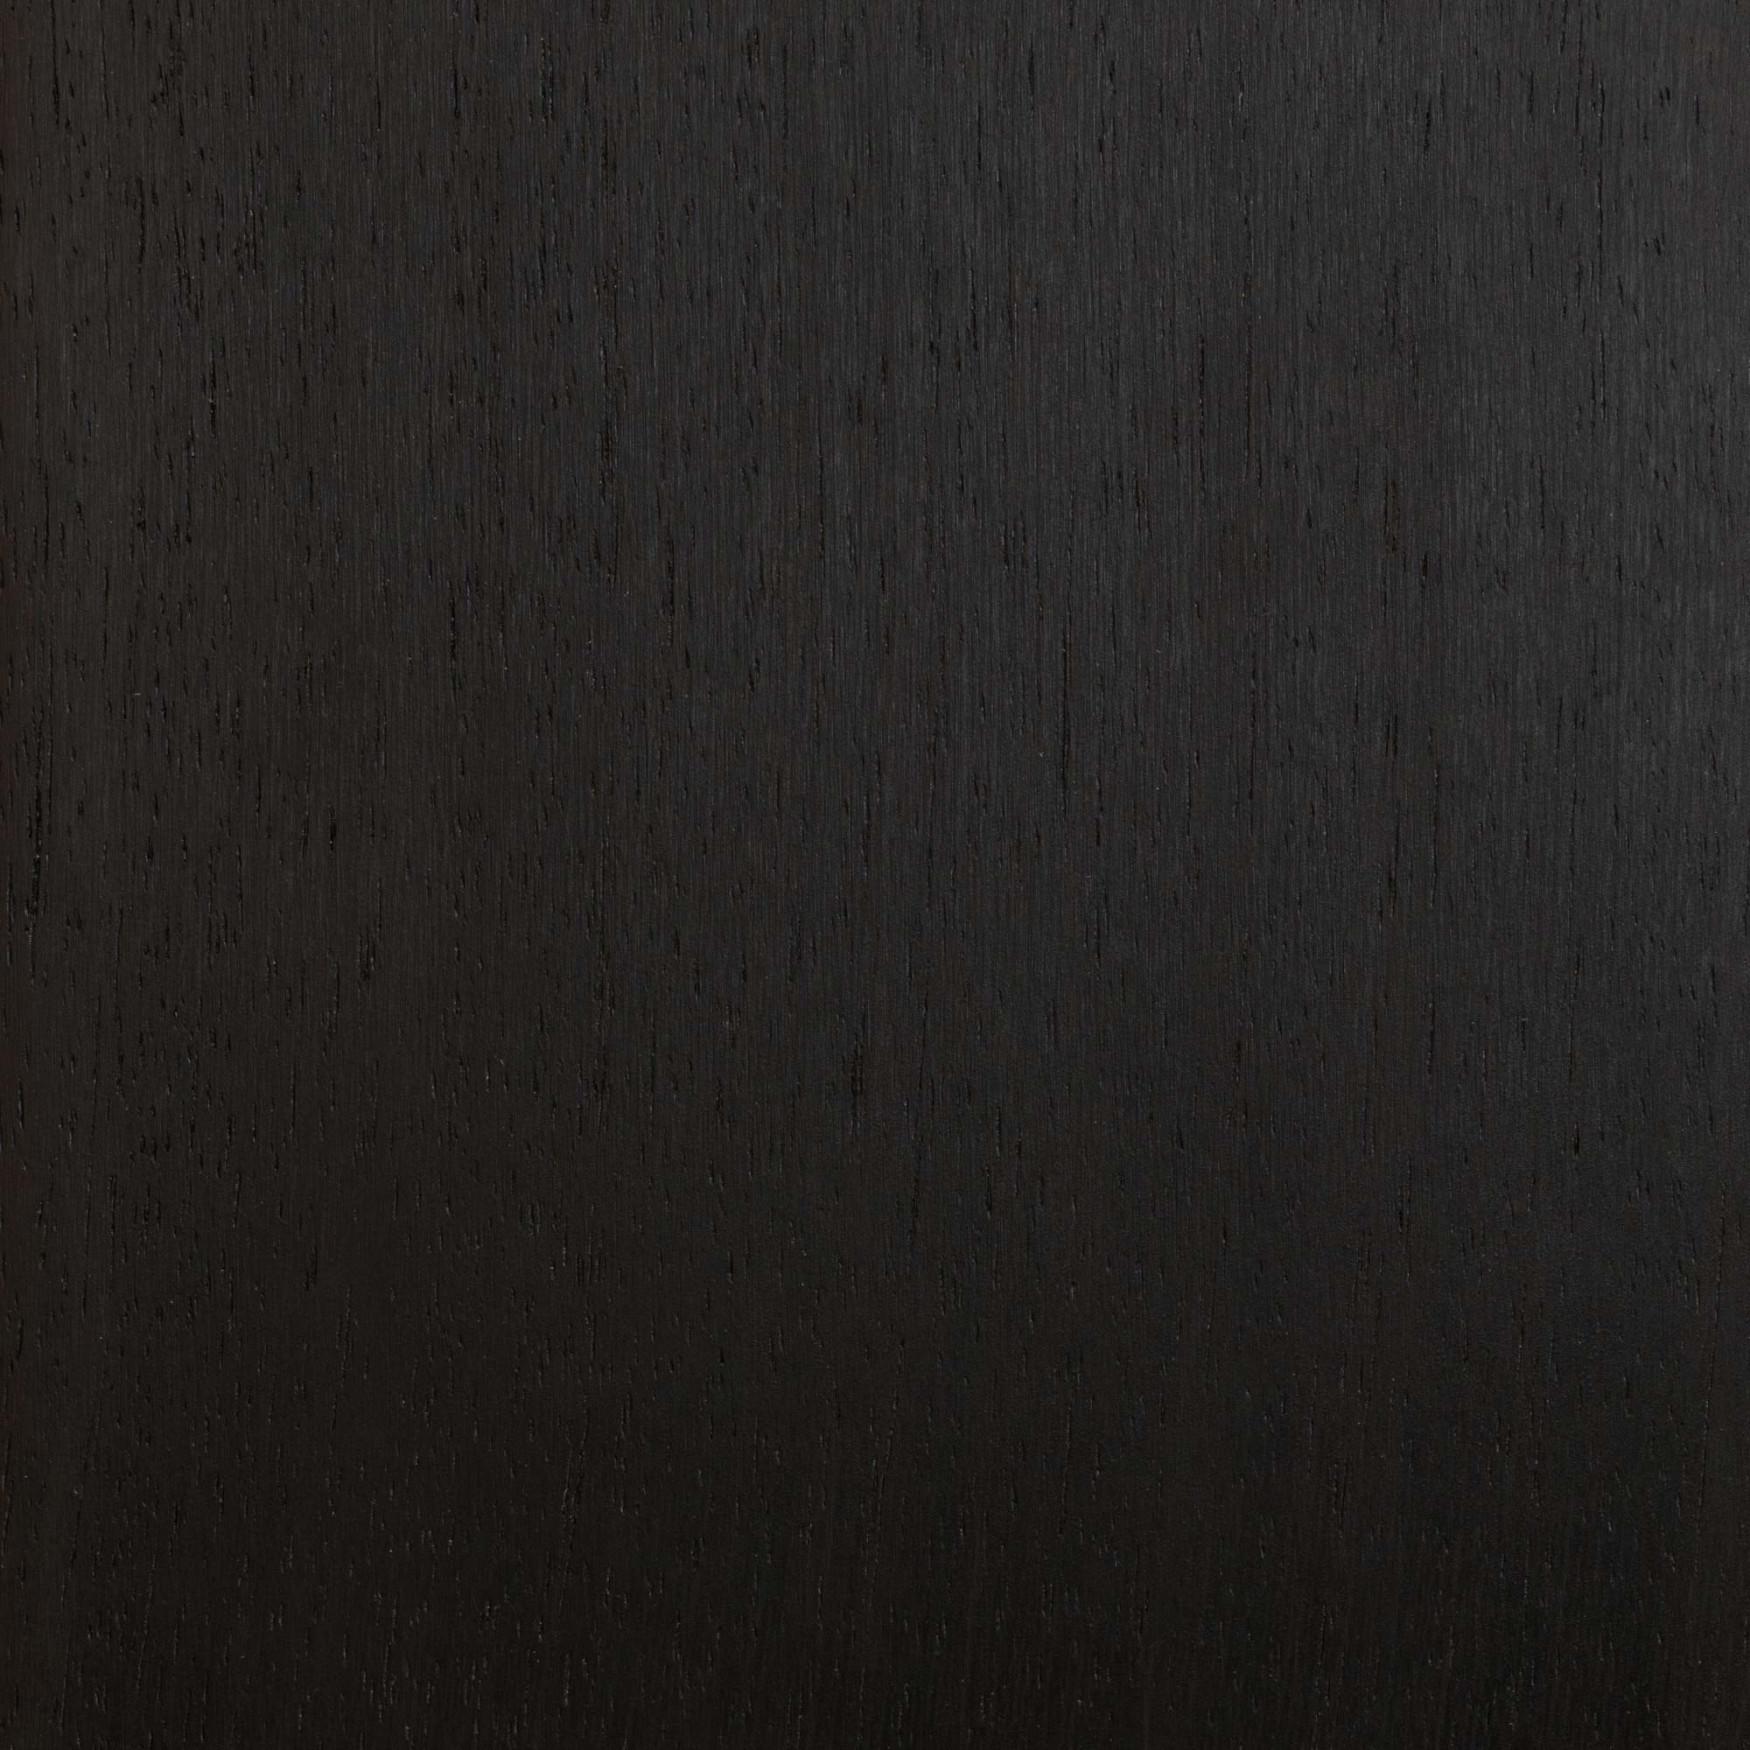 Element7-wide-plank-samples-Blank-Wenge-Sanded-alt2